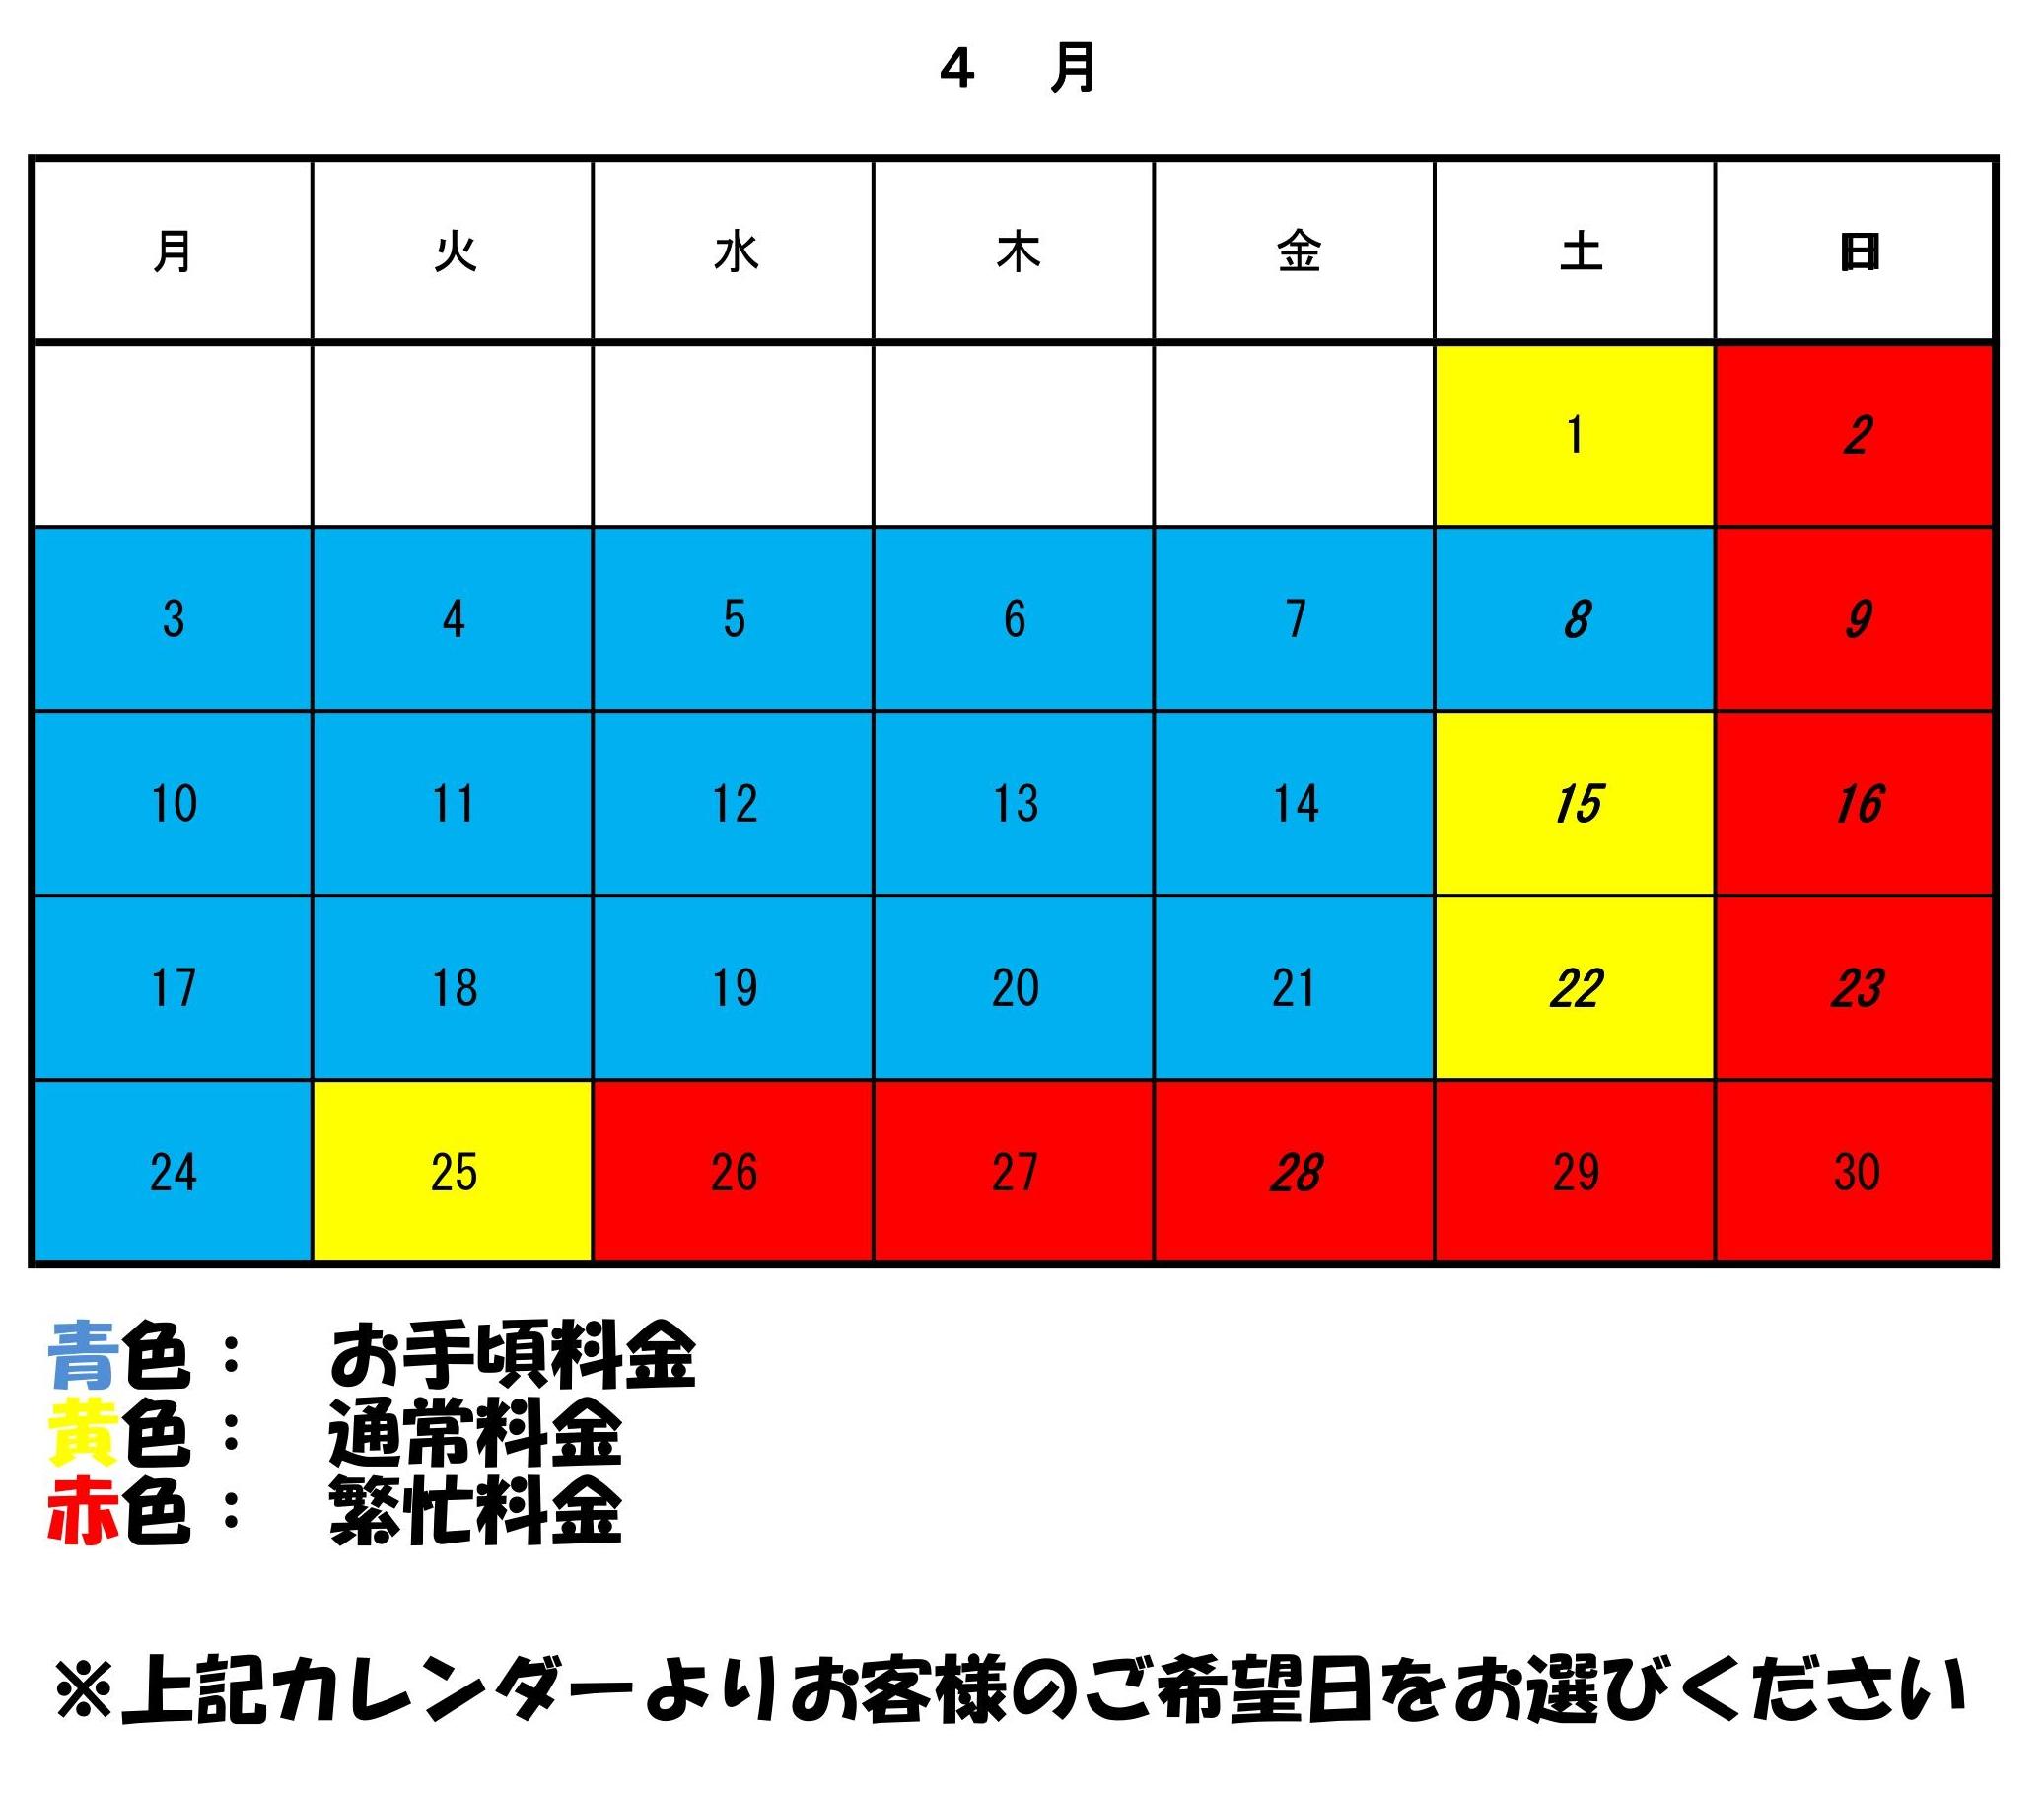 http://www.ikedapiano.co.jp/4.jpg